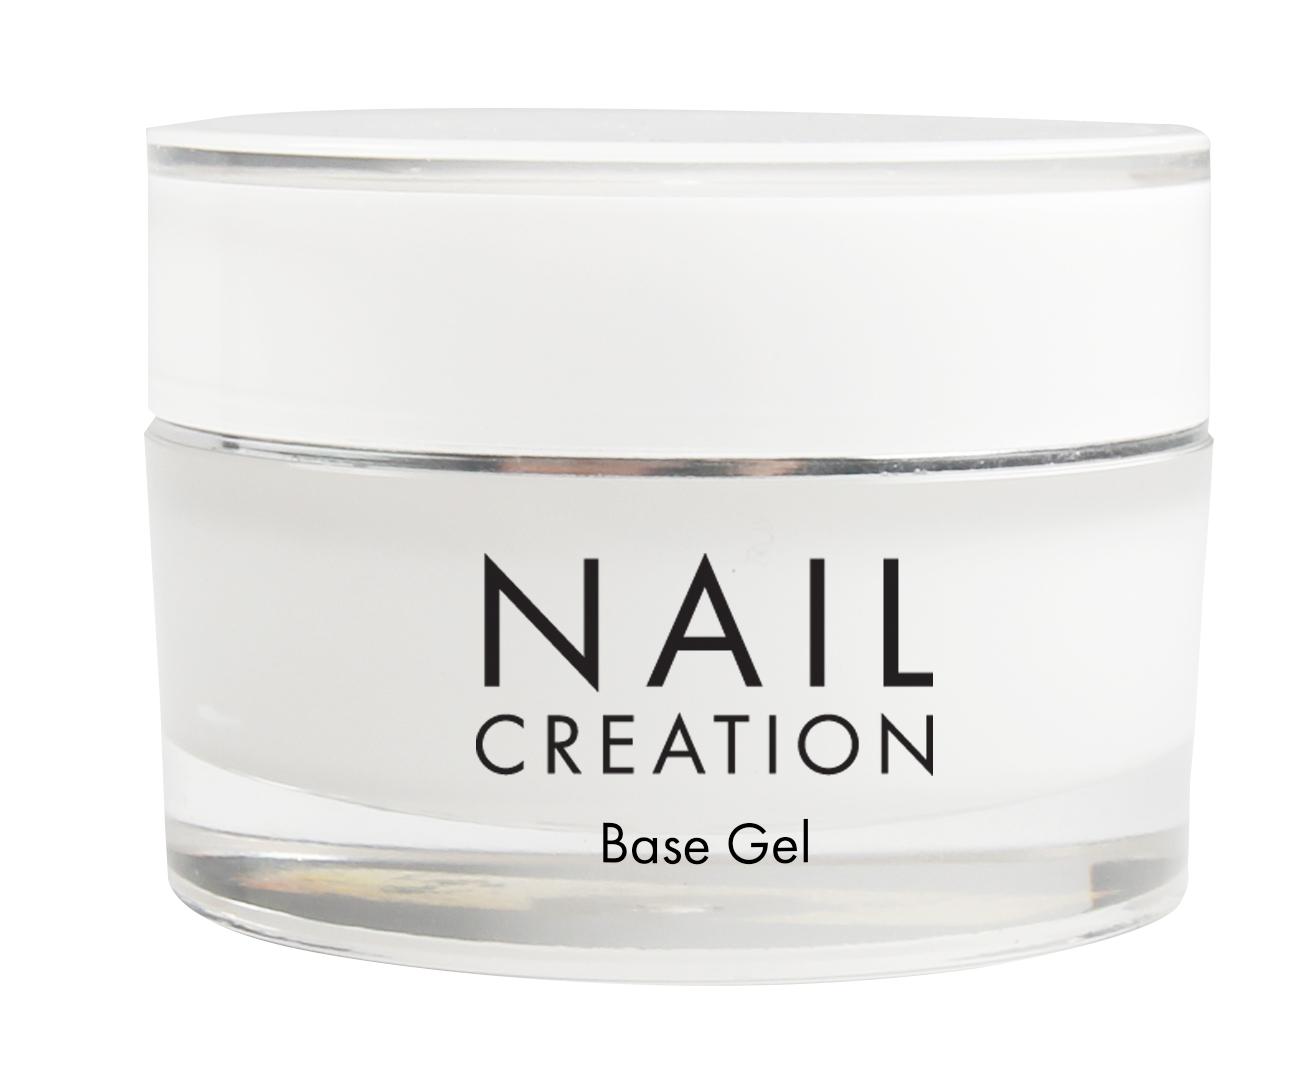 Afbeelding van Nail Creation - Base Gel 30 ml